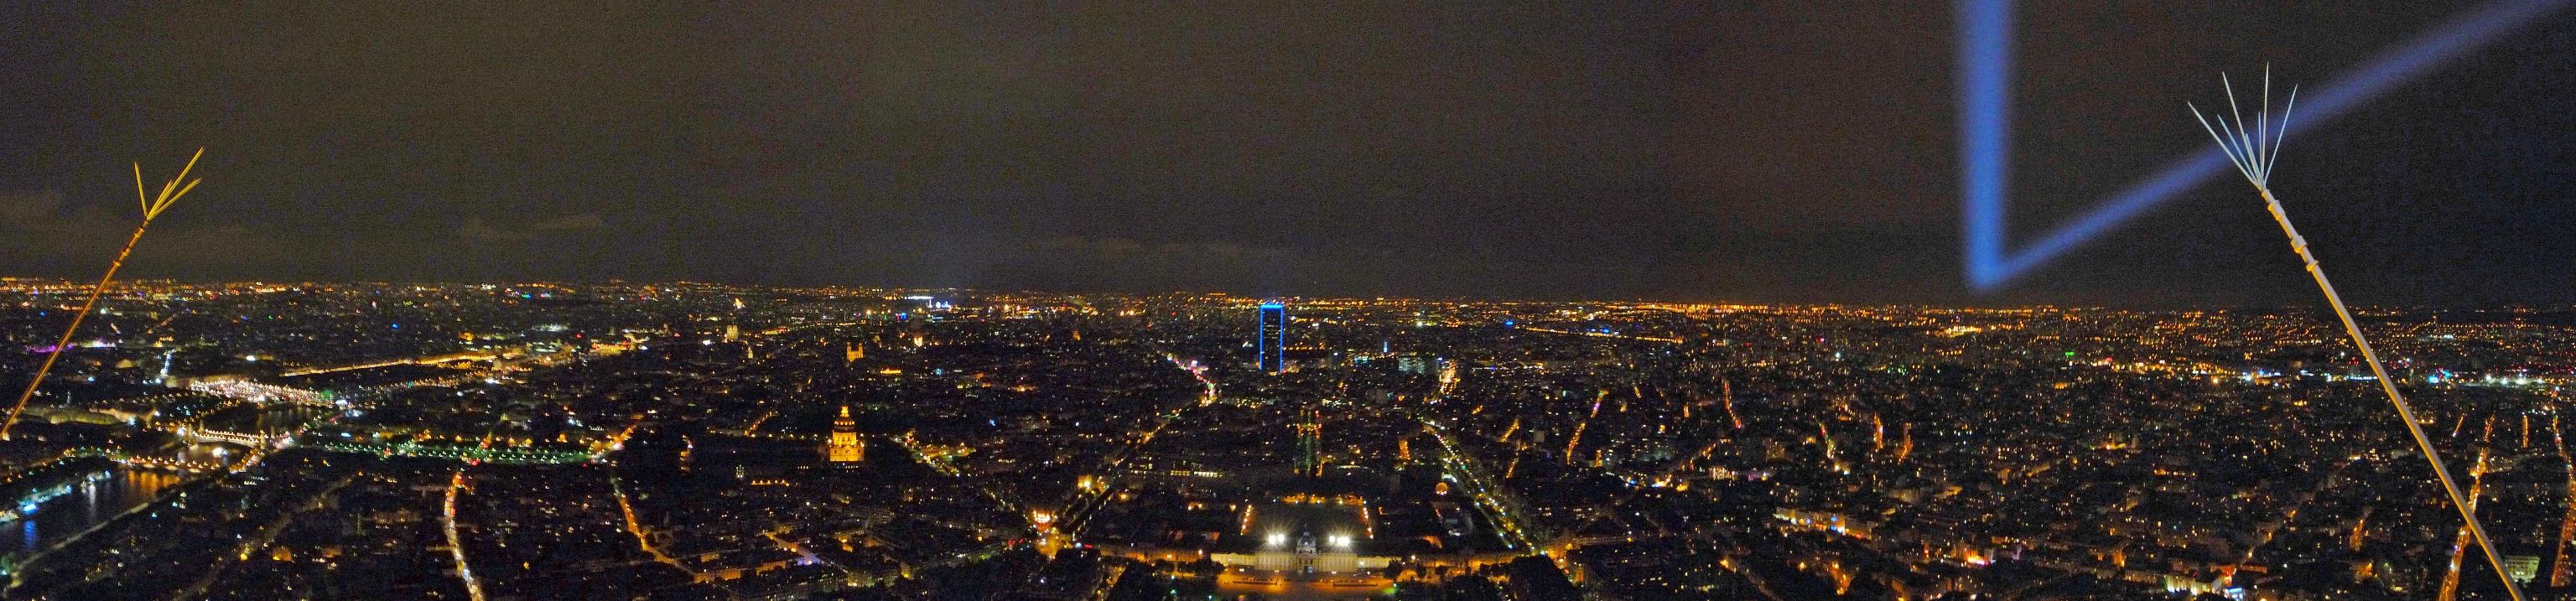 Ночная панорама Парижа